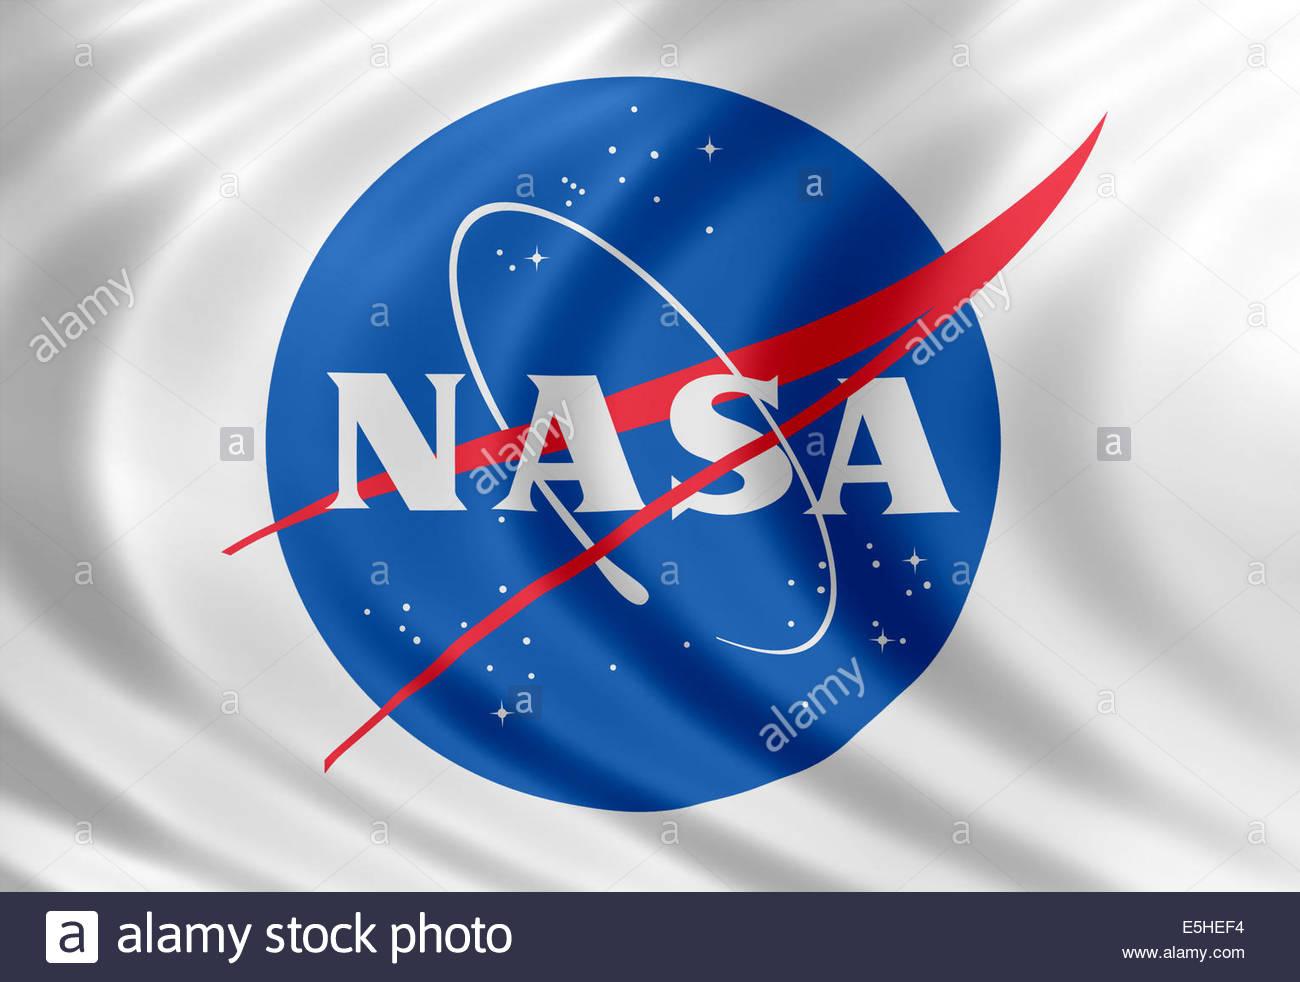 NASA icon logo with flag of silk - Stock Image